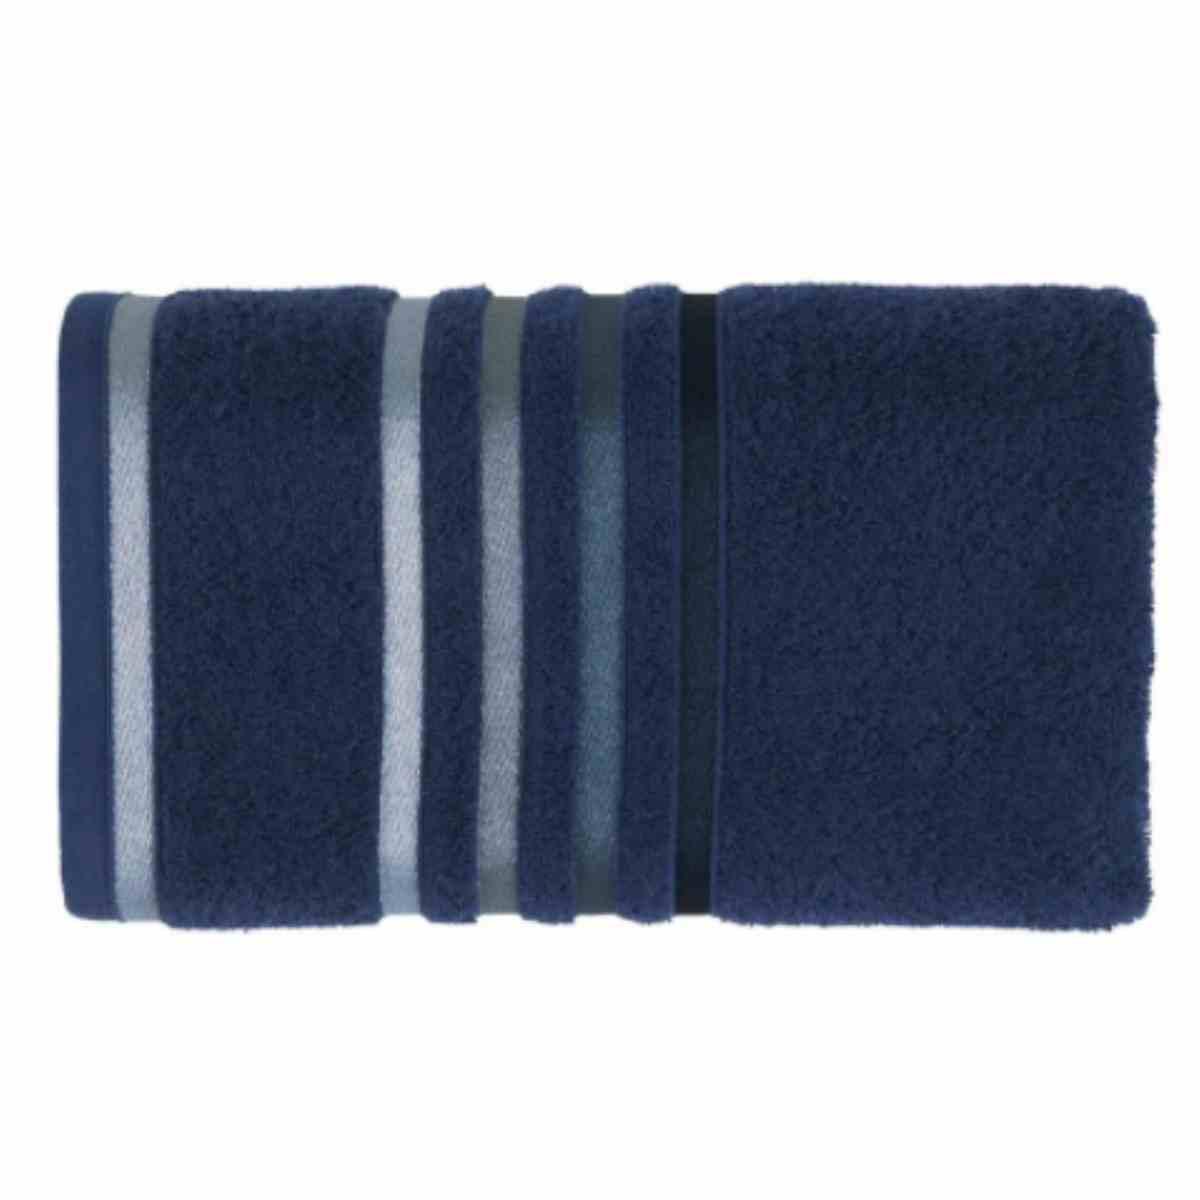 Toalha rosto lumina 48x80 Marinho/Azul